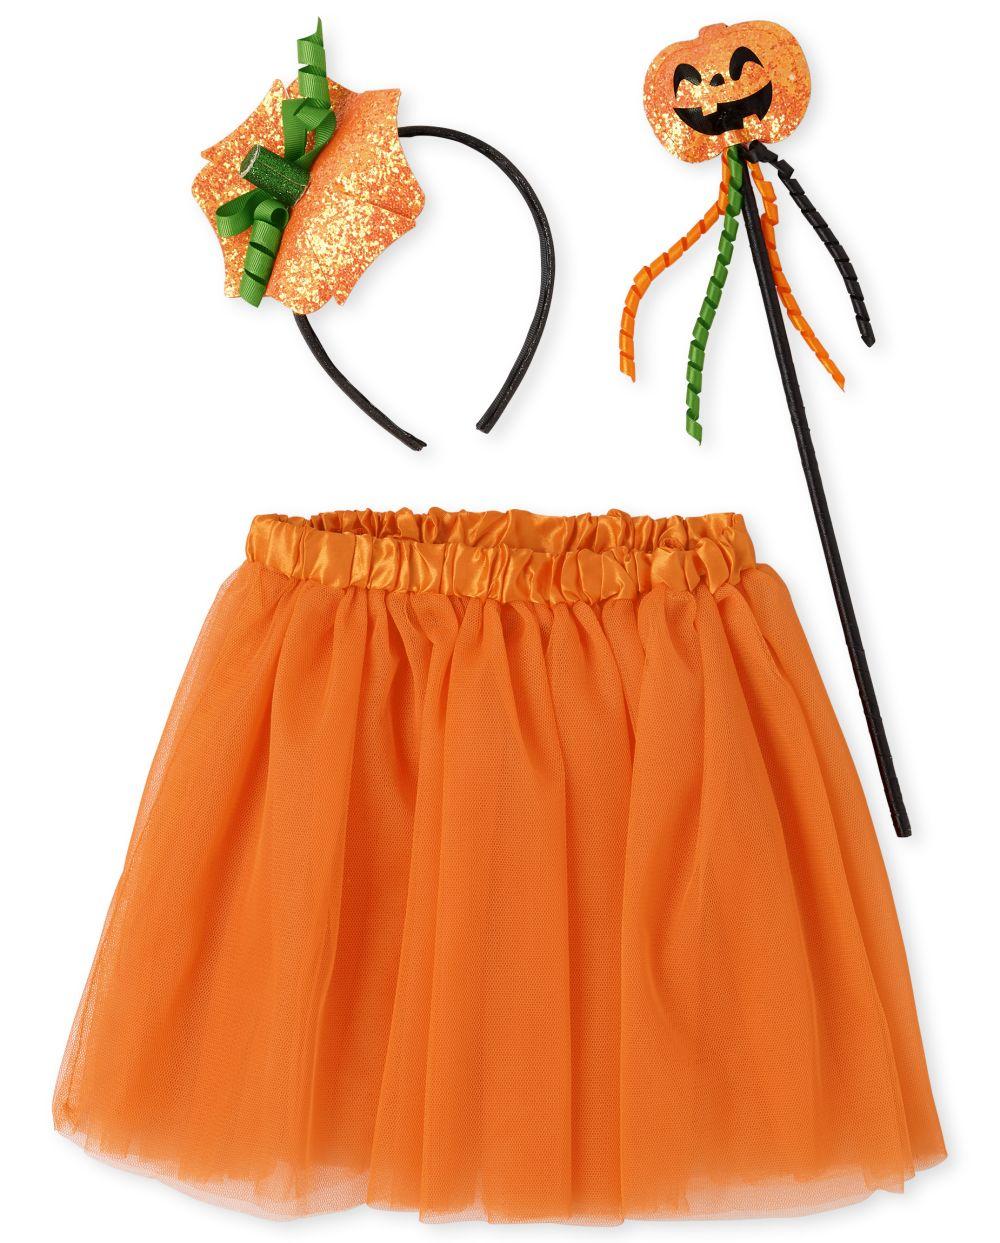 Conjunto de disfraz de calabaza de Halloween para niñas